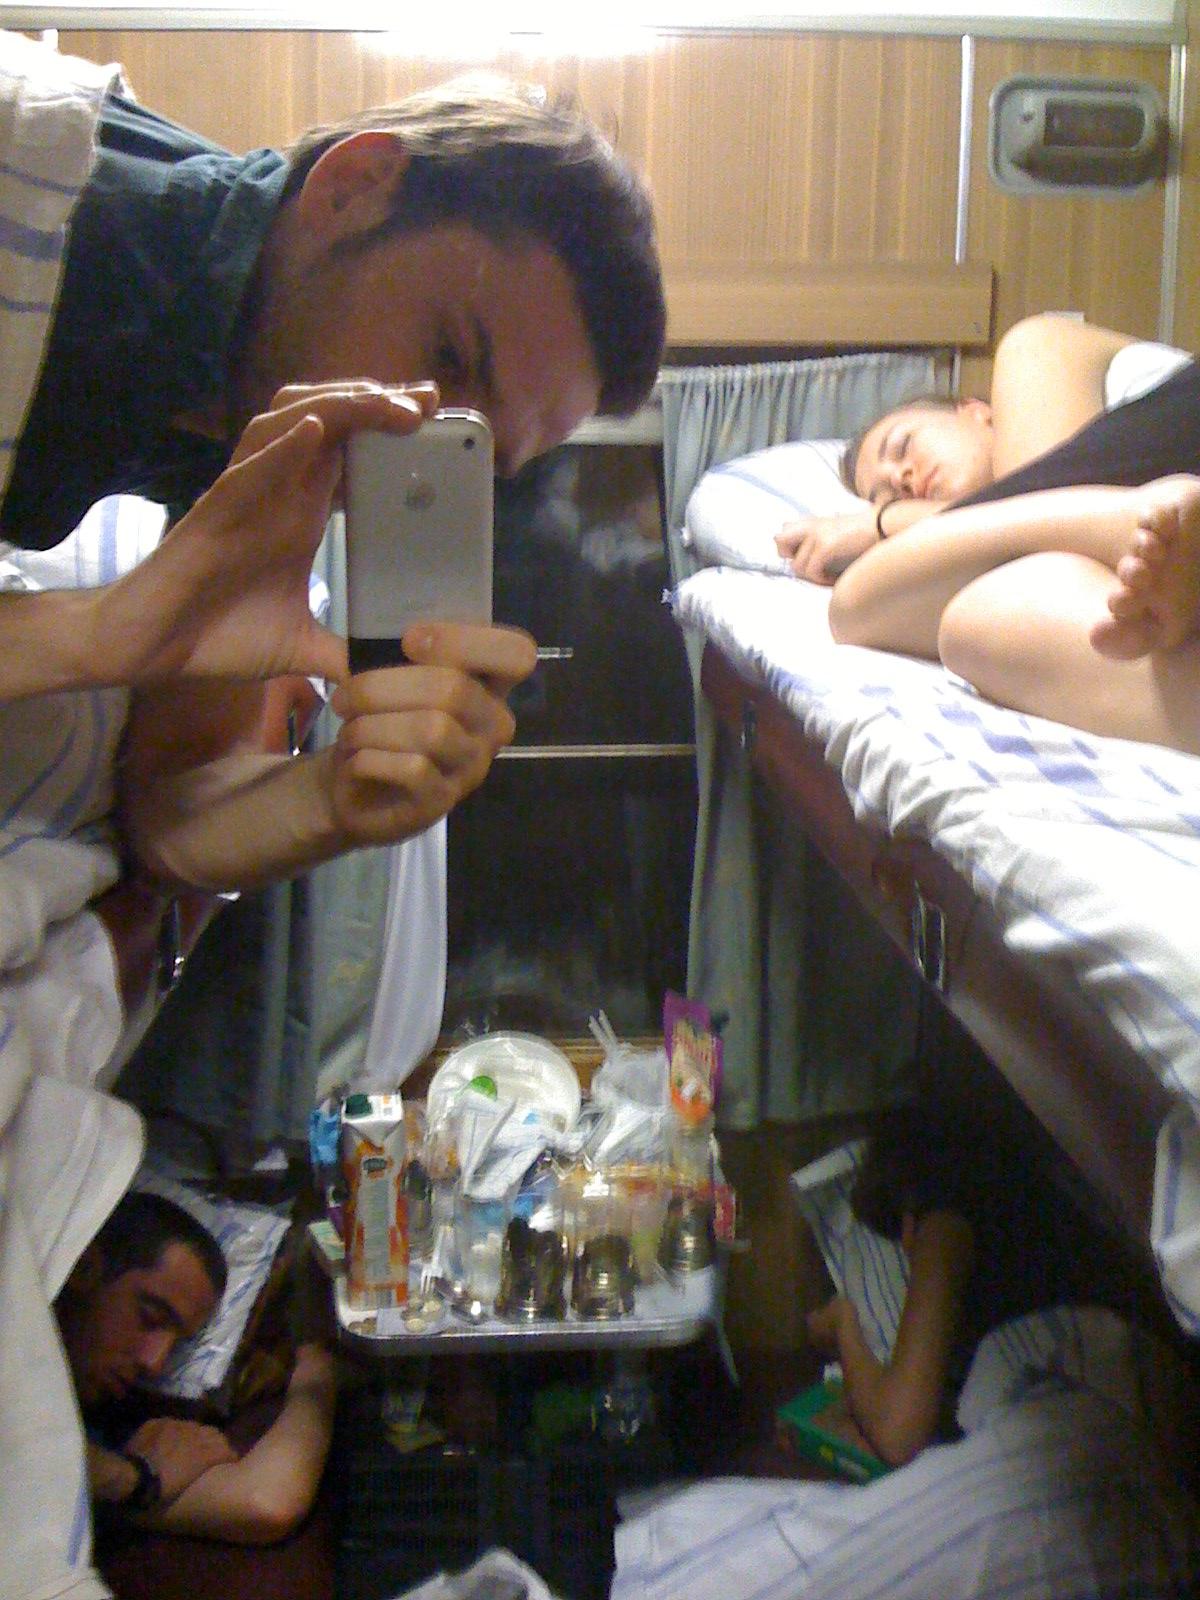 Три парня и две телки, очень красивые лесби в общежитие в порно